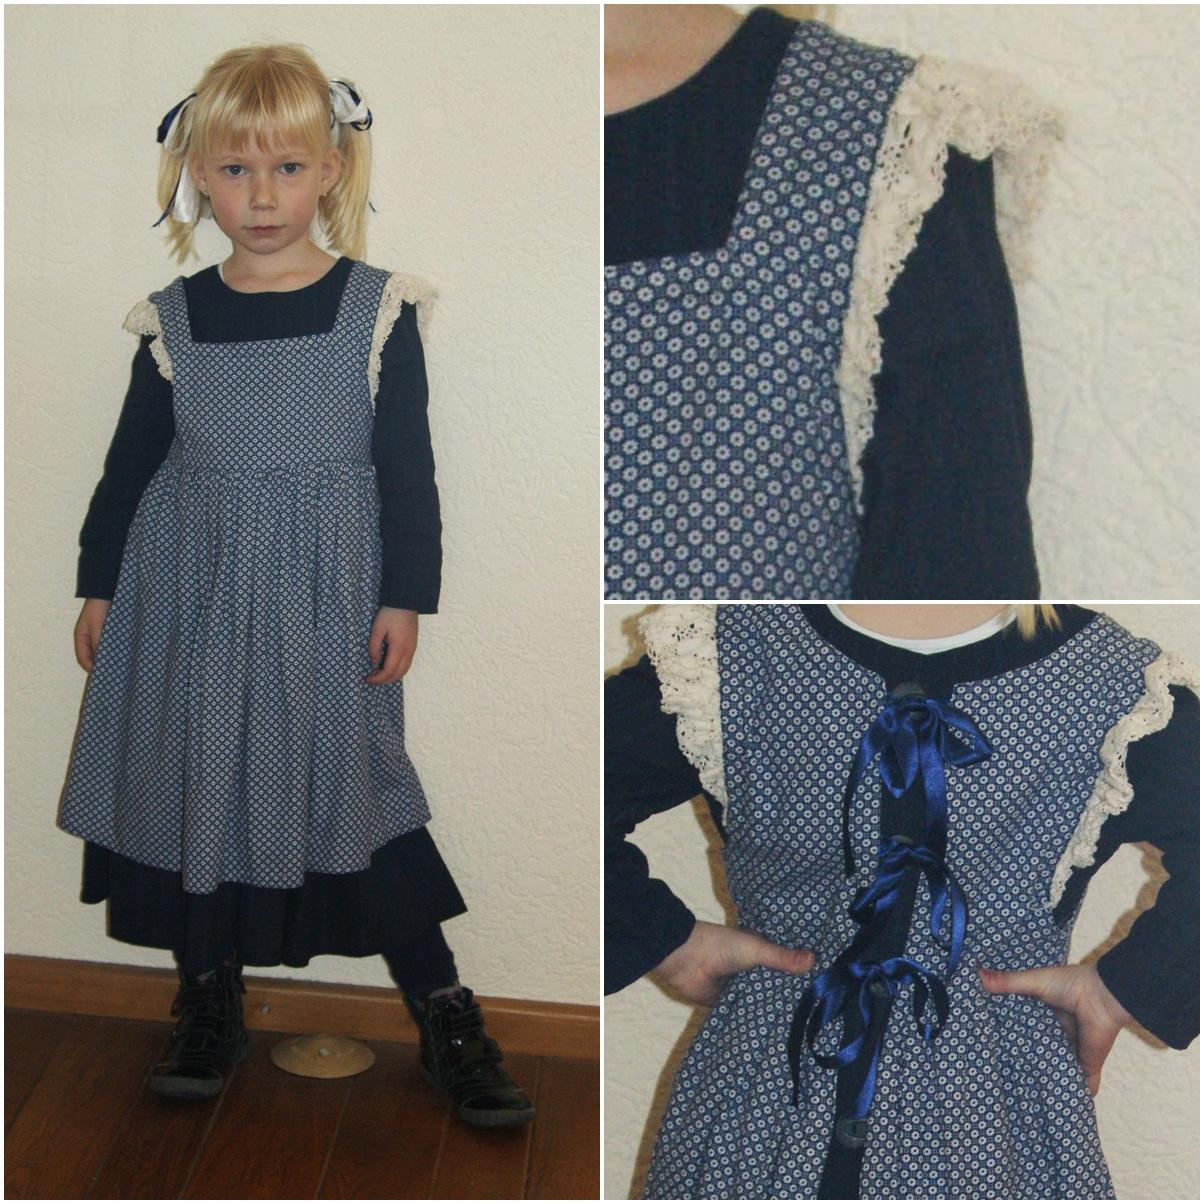 Ot En Sien Kinderkleding.Jjk Kinderkleding April 2012